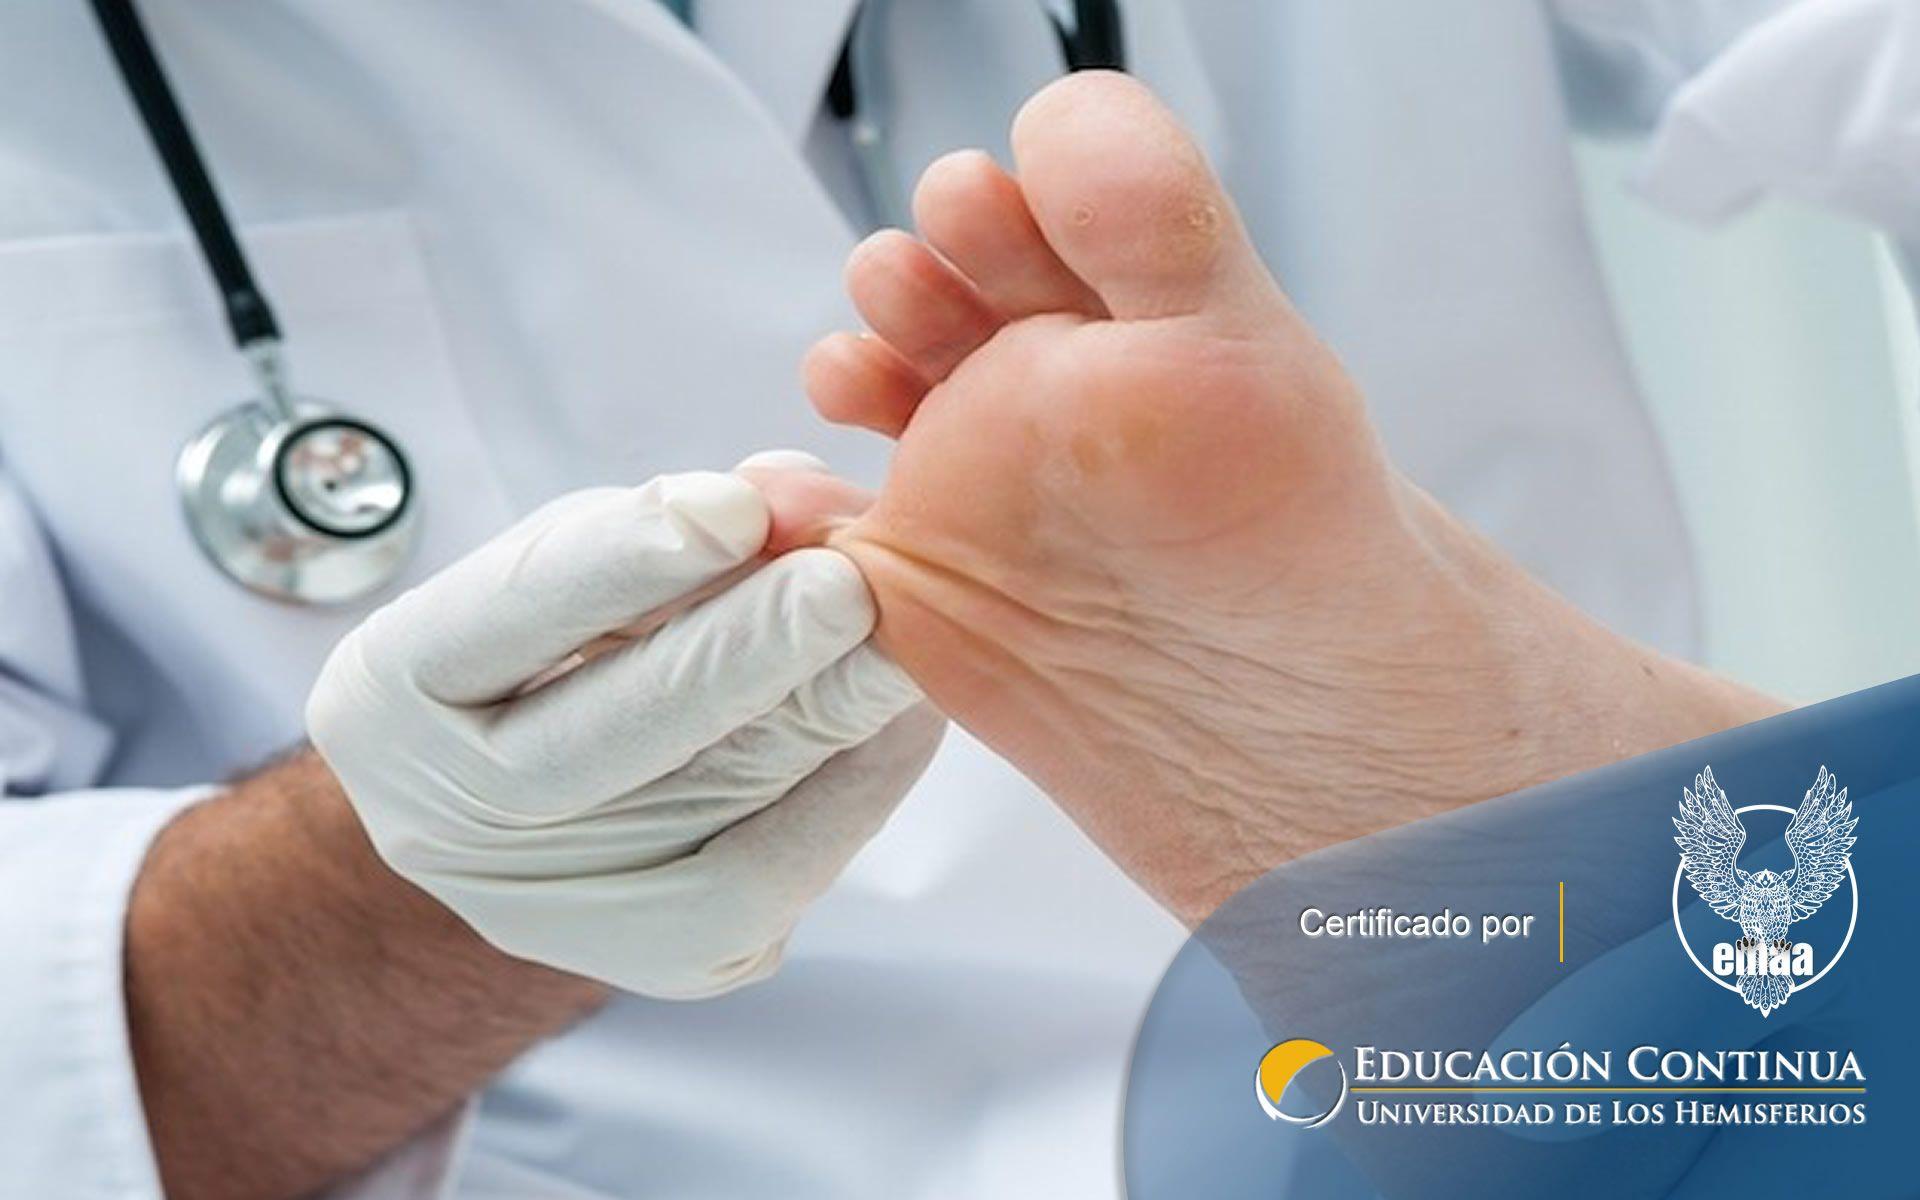 Certificación online de Prevención de Enfermedades por Micosis